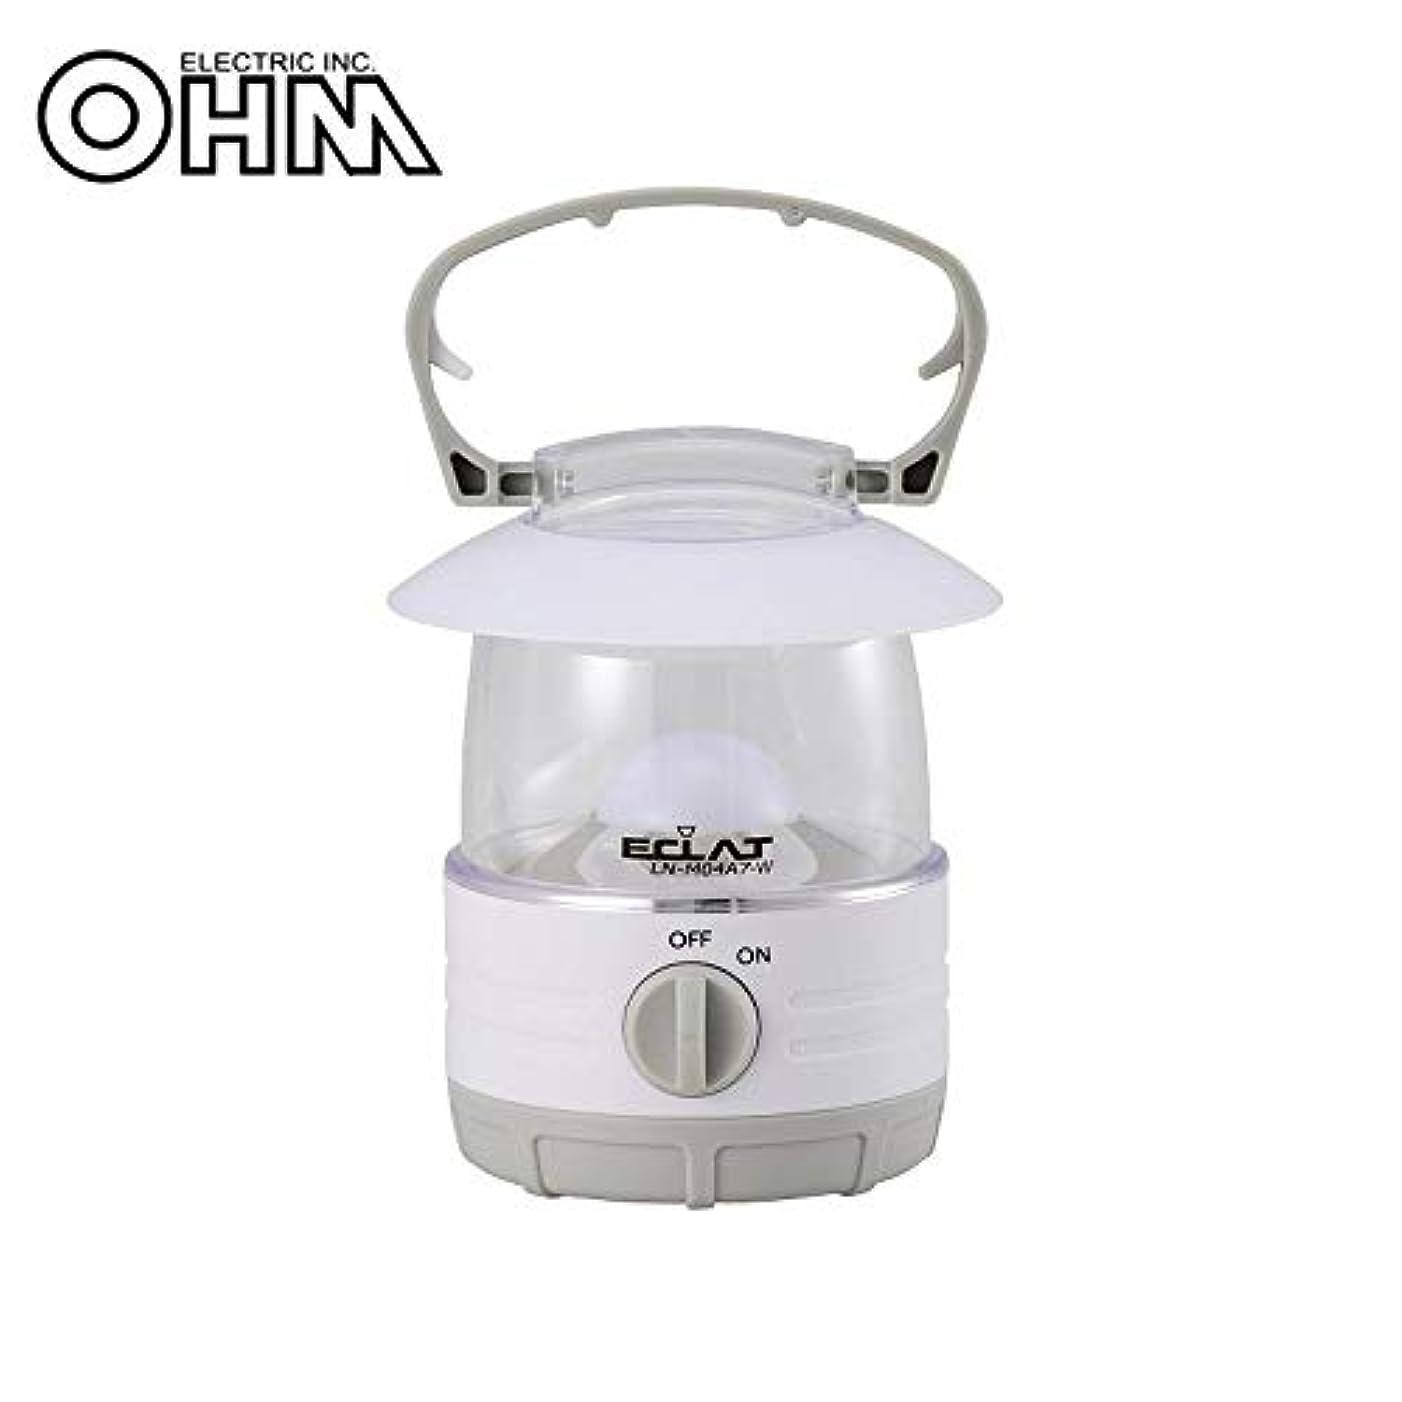 不格好音カブオーム電機 OHM LEDミニランタン 35ルーメン LN-M04A7-W